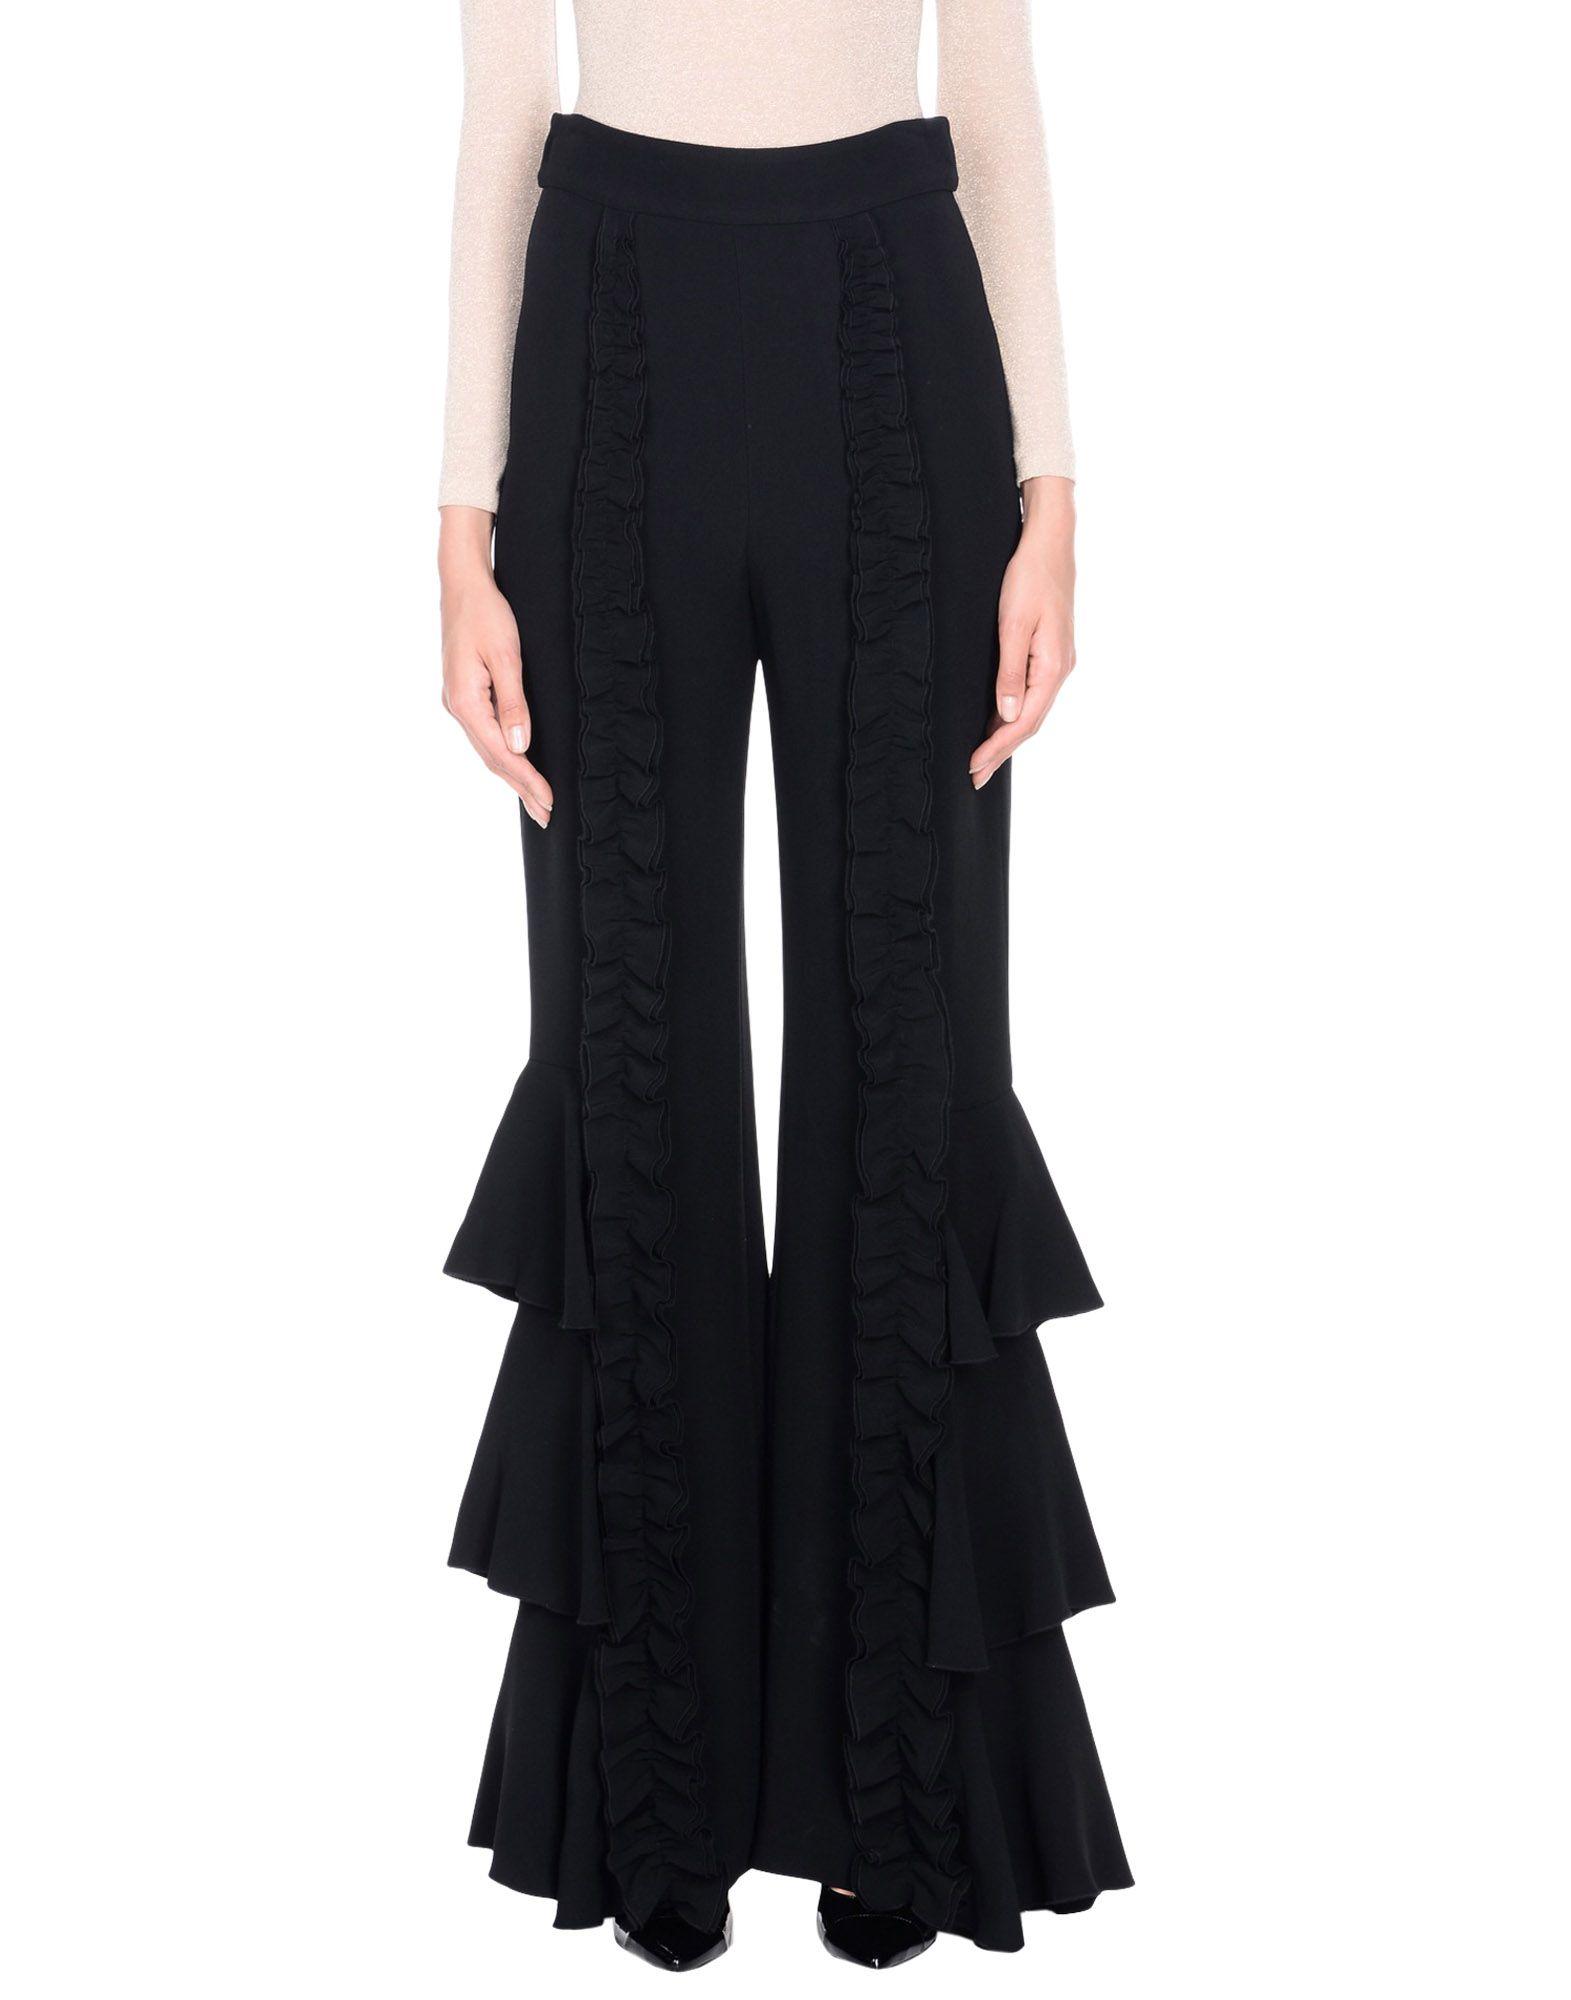 《送料無料》ALEXIS レディース パンツ ブラック M 紡績繊維